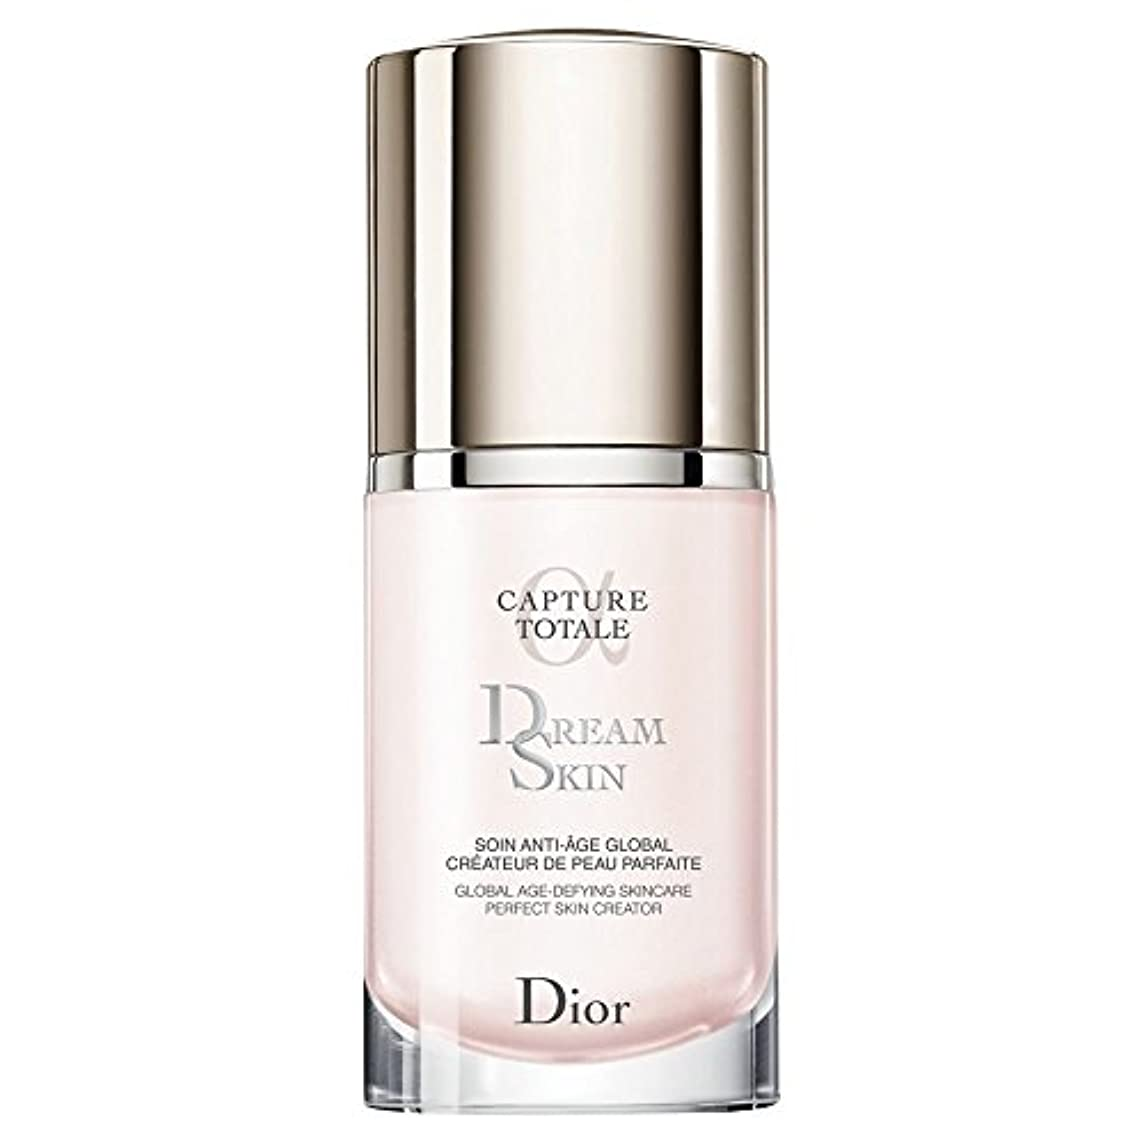 電子レンジカウンターパート浮く[Dior] ディオールカプチュールトータルのDreamskin 30ミリリットル - Dior Capture Totale Dreamskin 30ml [並行輸入品]